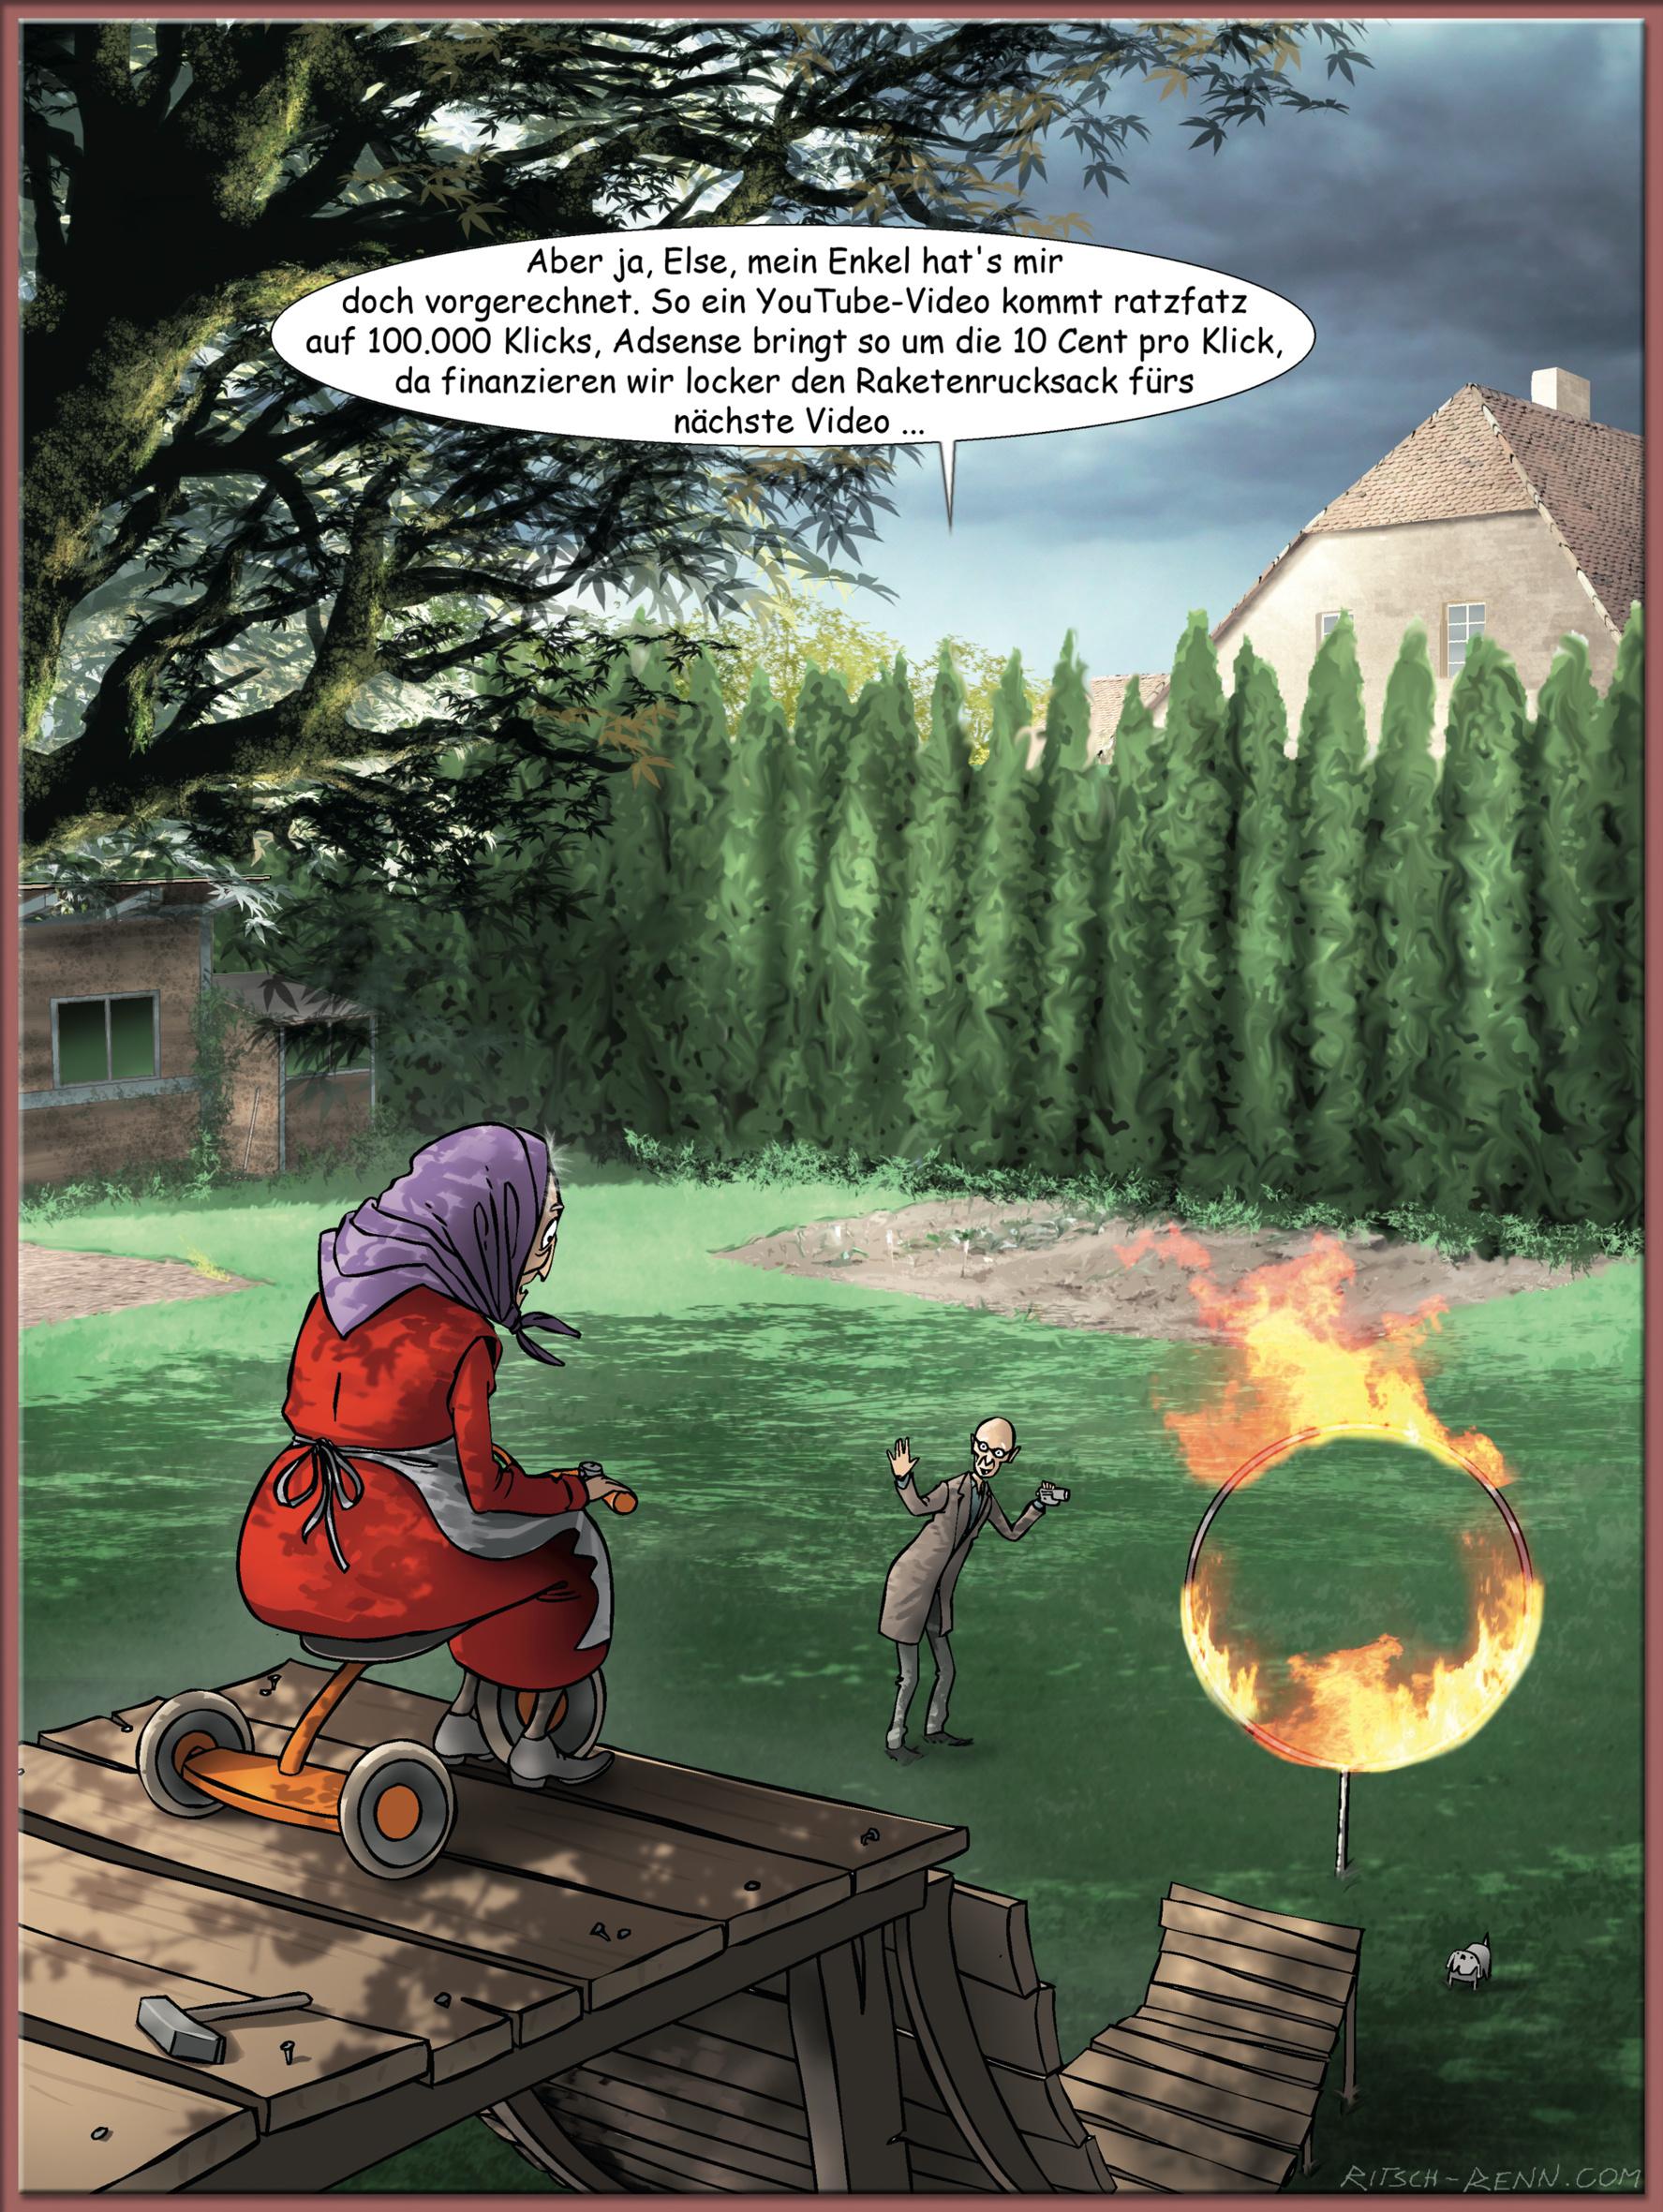 der Betrachter - Cartoon - Satire